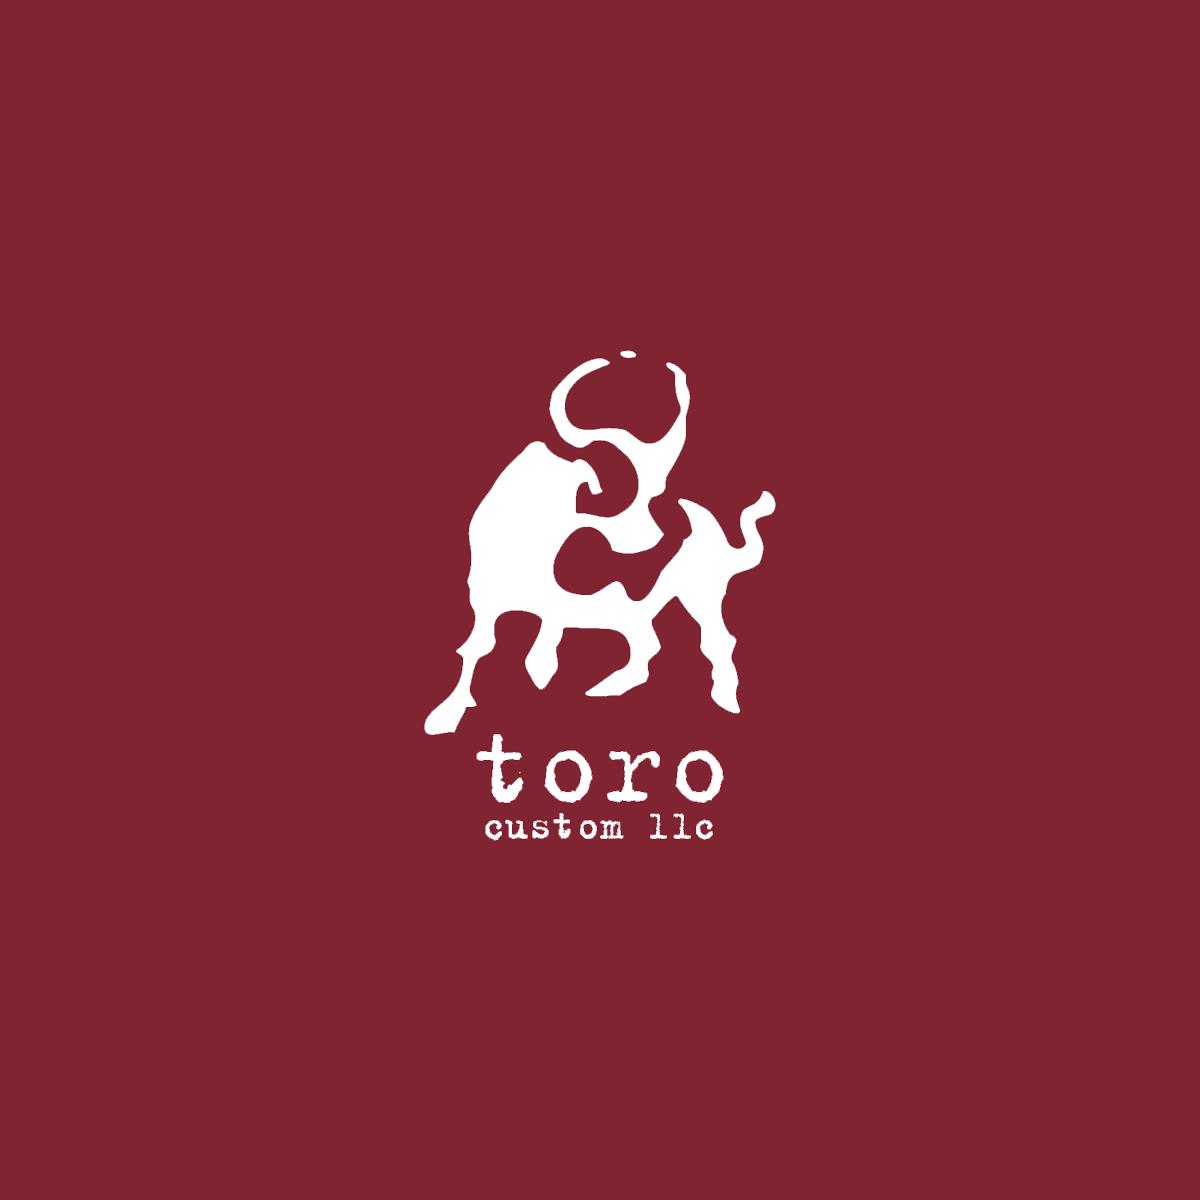 TORO HERO 4 and text